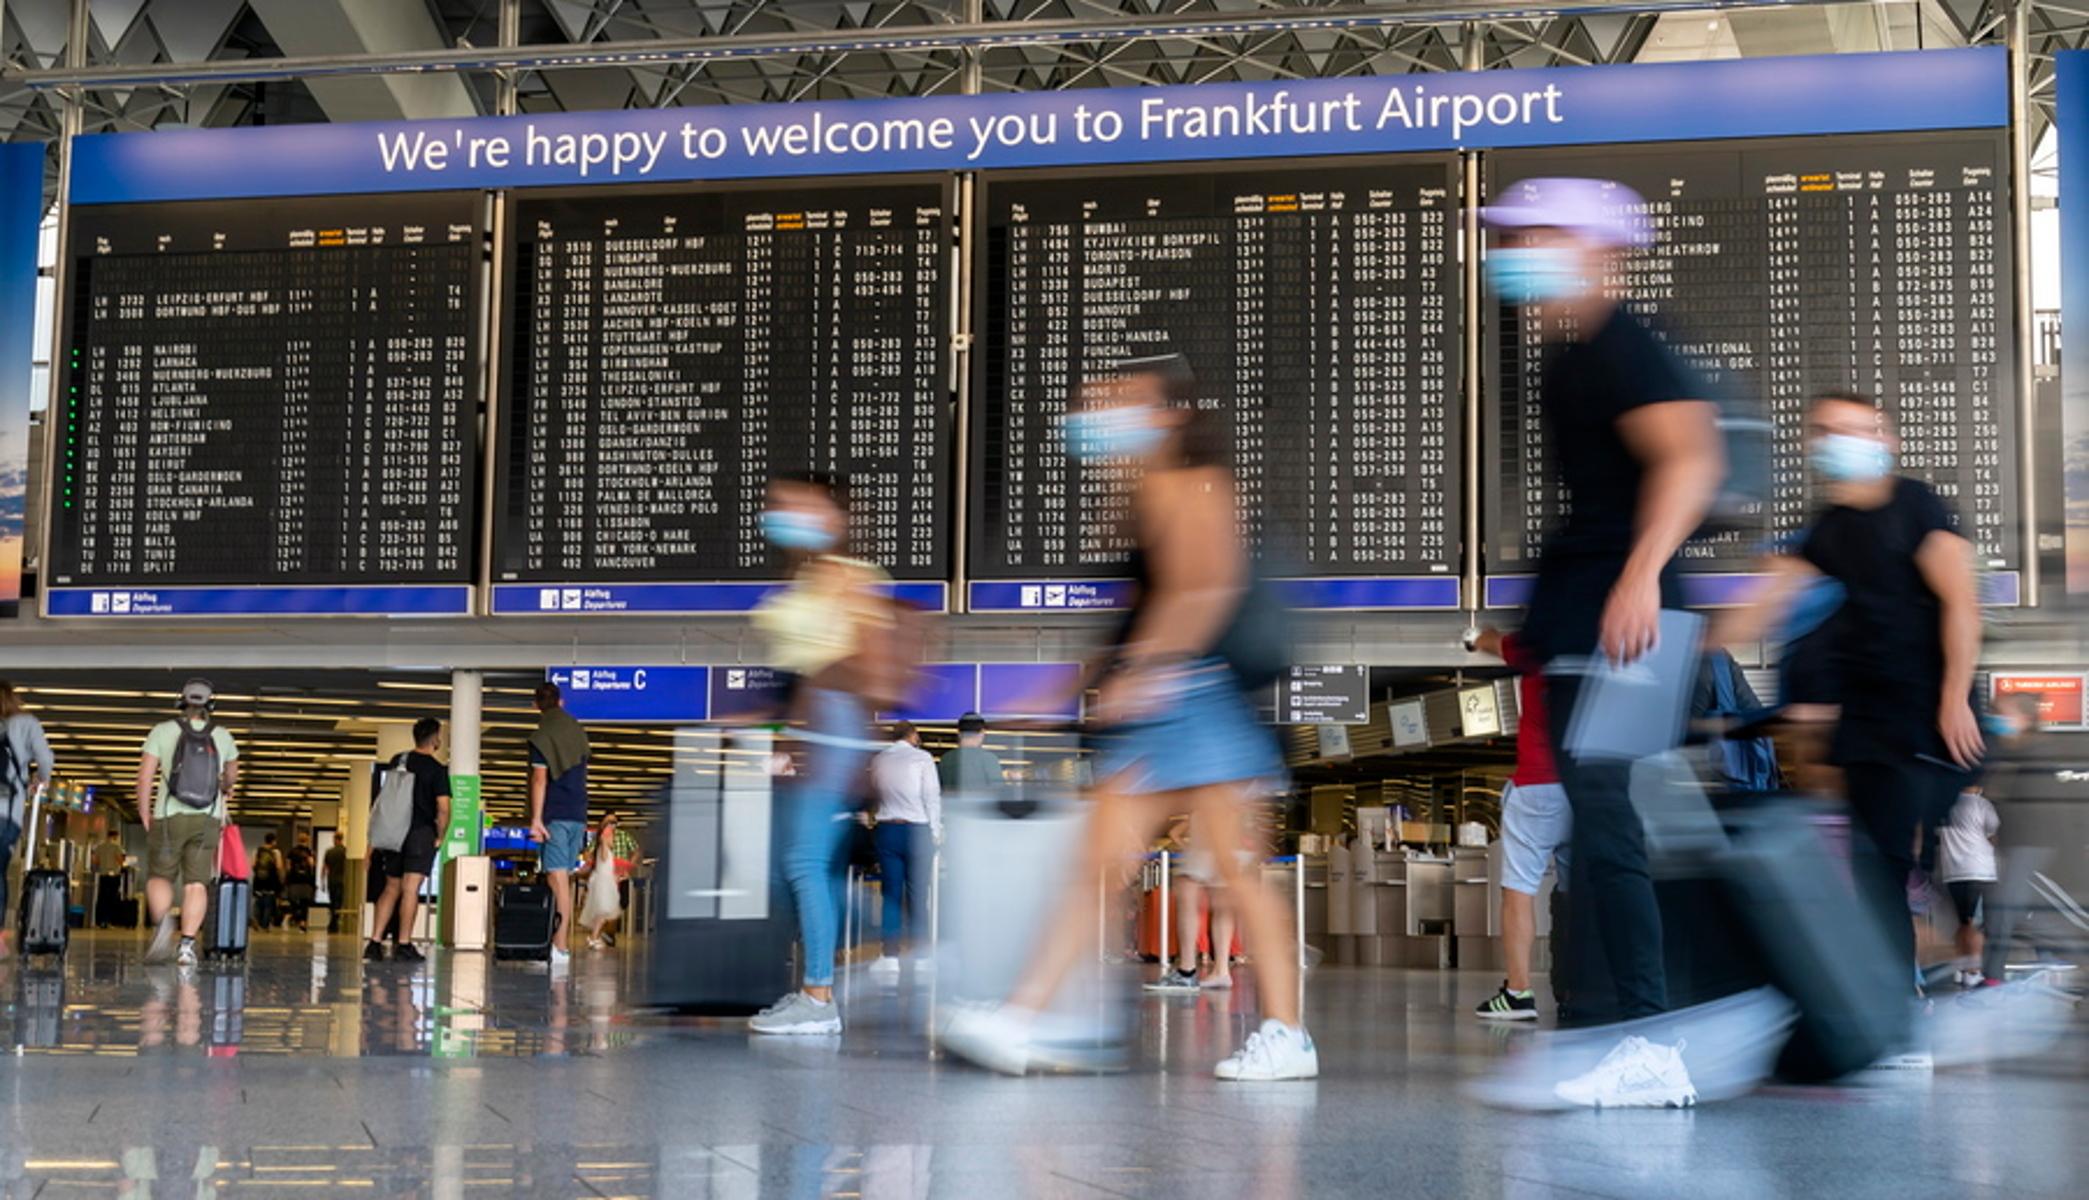 Γερμανία: Εκκενώθηκε το αεροδρόμιο της Φρανκφούρτης – Αναφορές για παρουσία ενόπλου